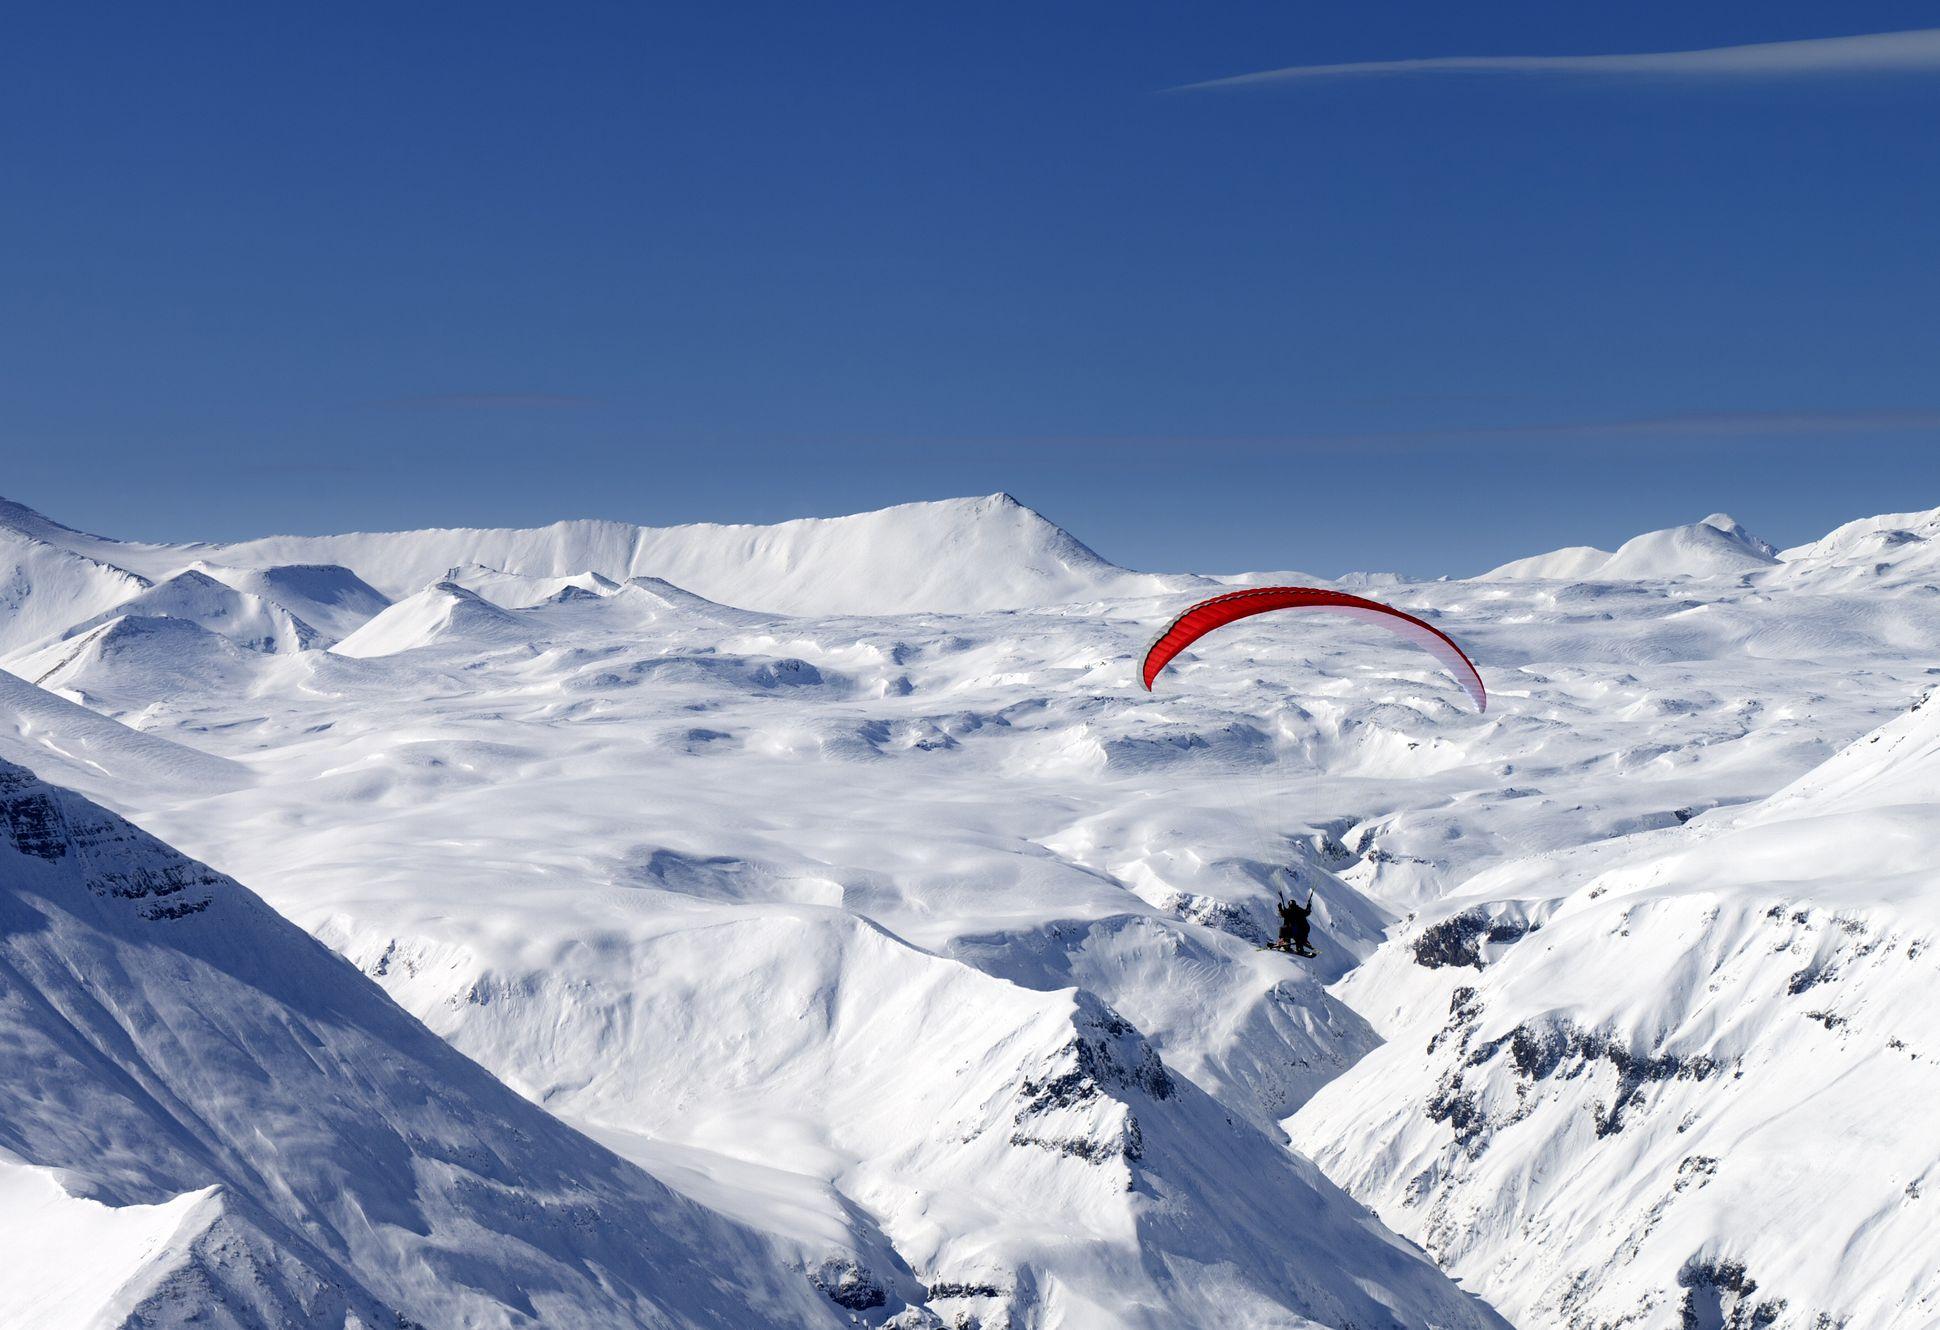 Где кататься на лыжах: в Грузии или Армении